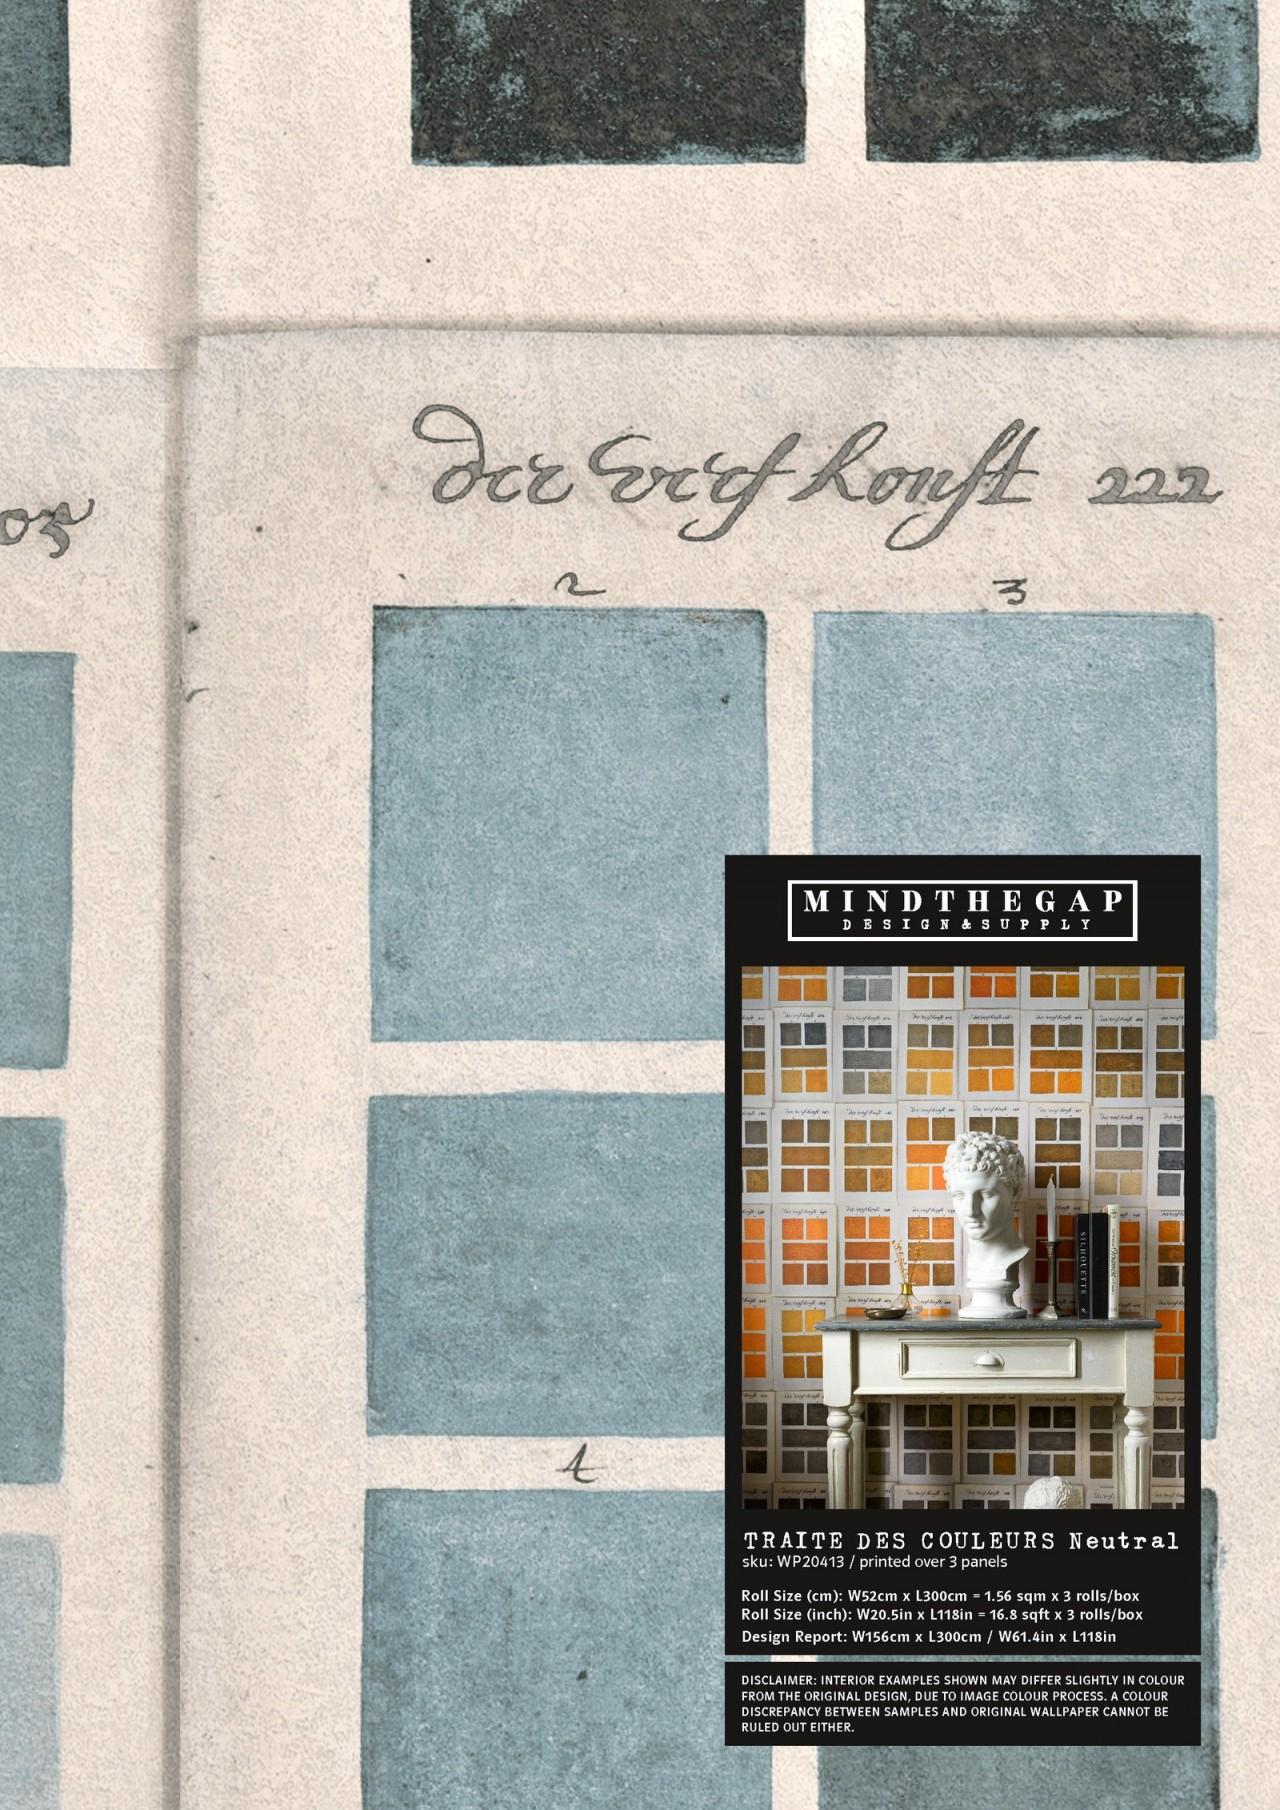 TRAITE DES COULEURS Neutral Wallpaper Sample